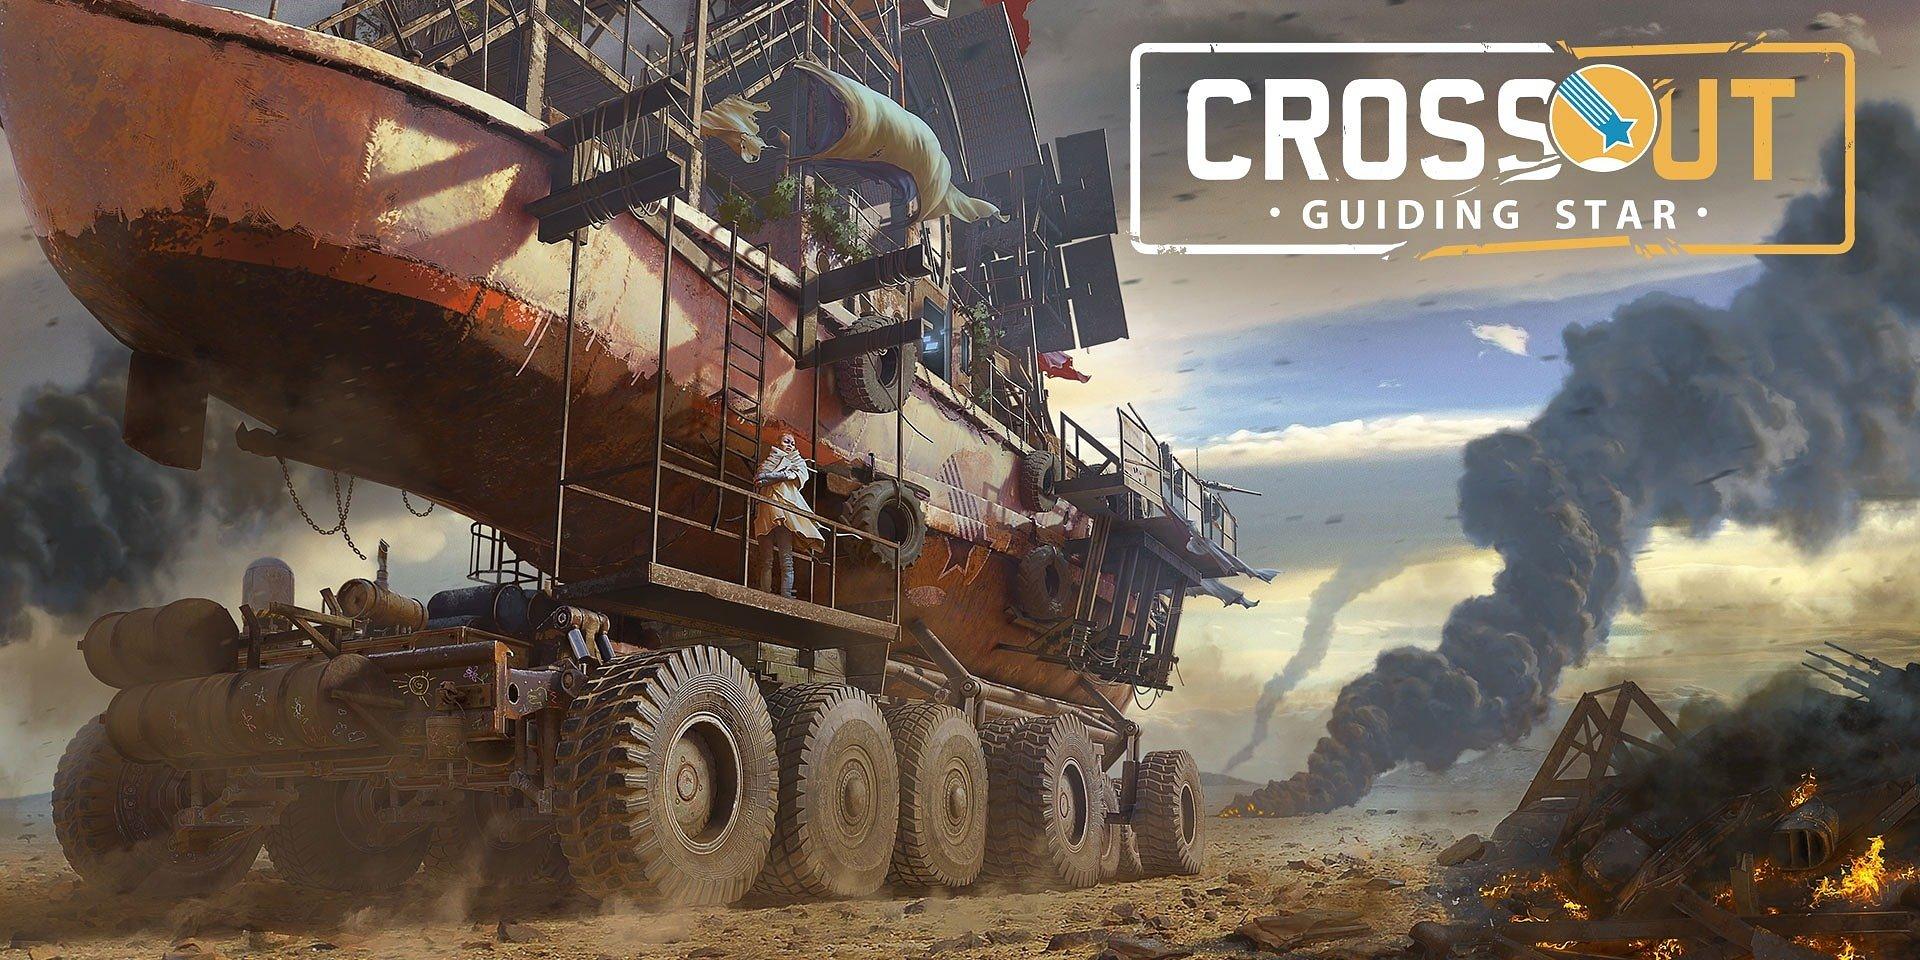 Hráči hry Crossout se připravují na novou válku s Ravagermi